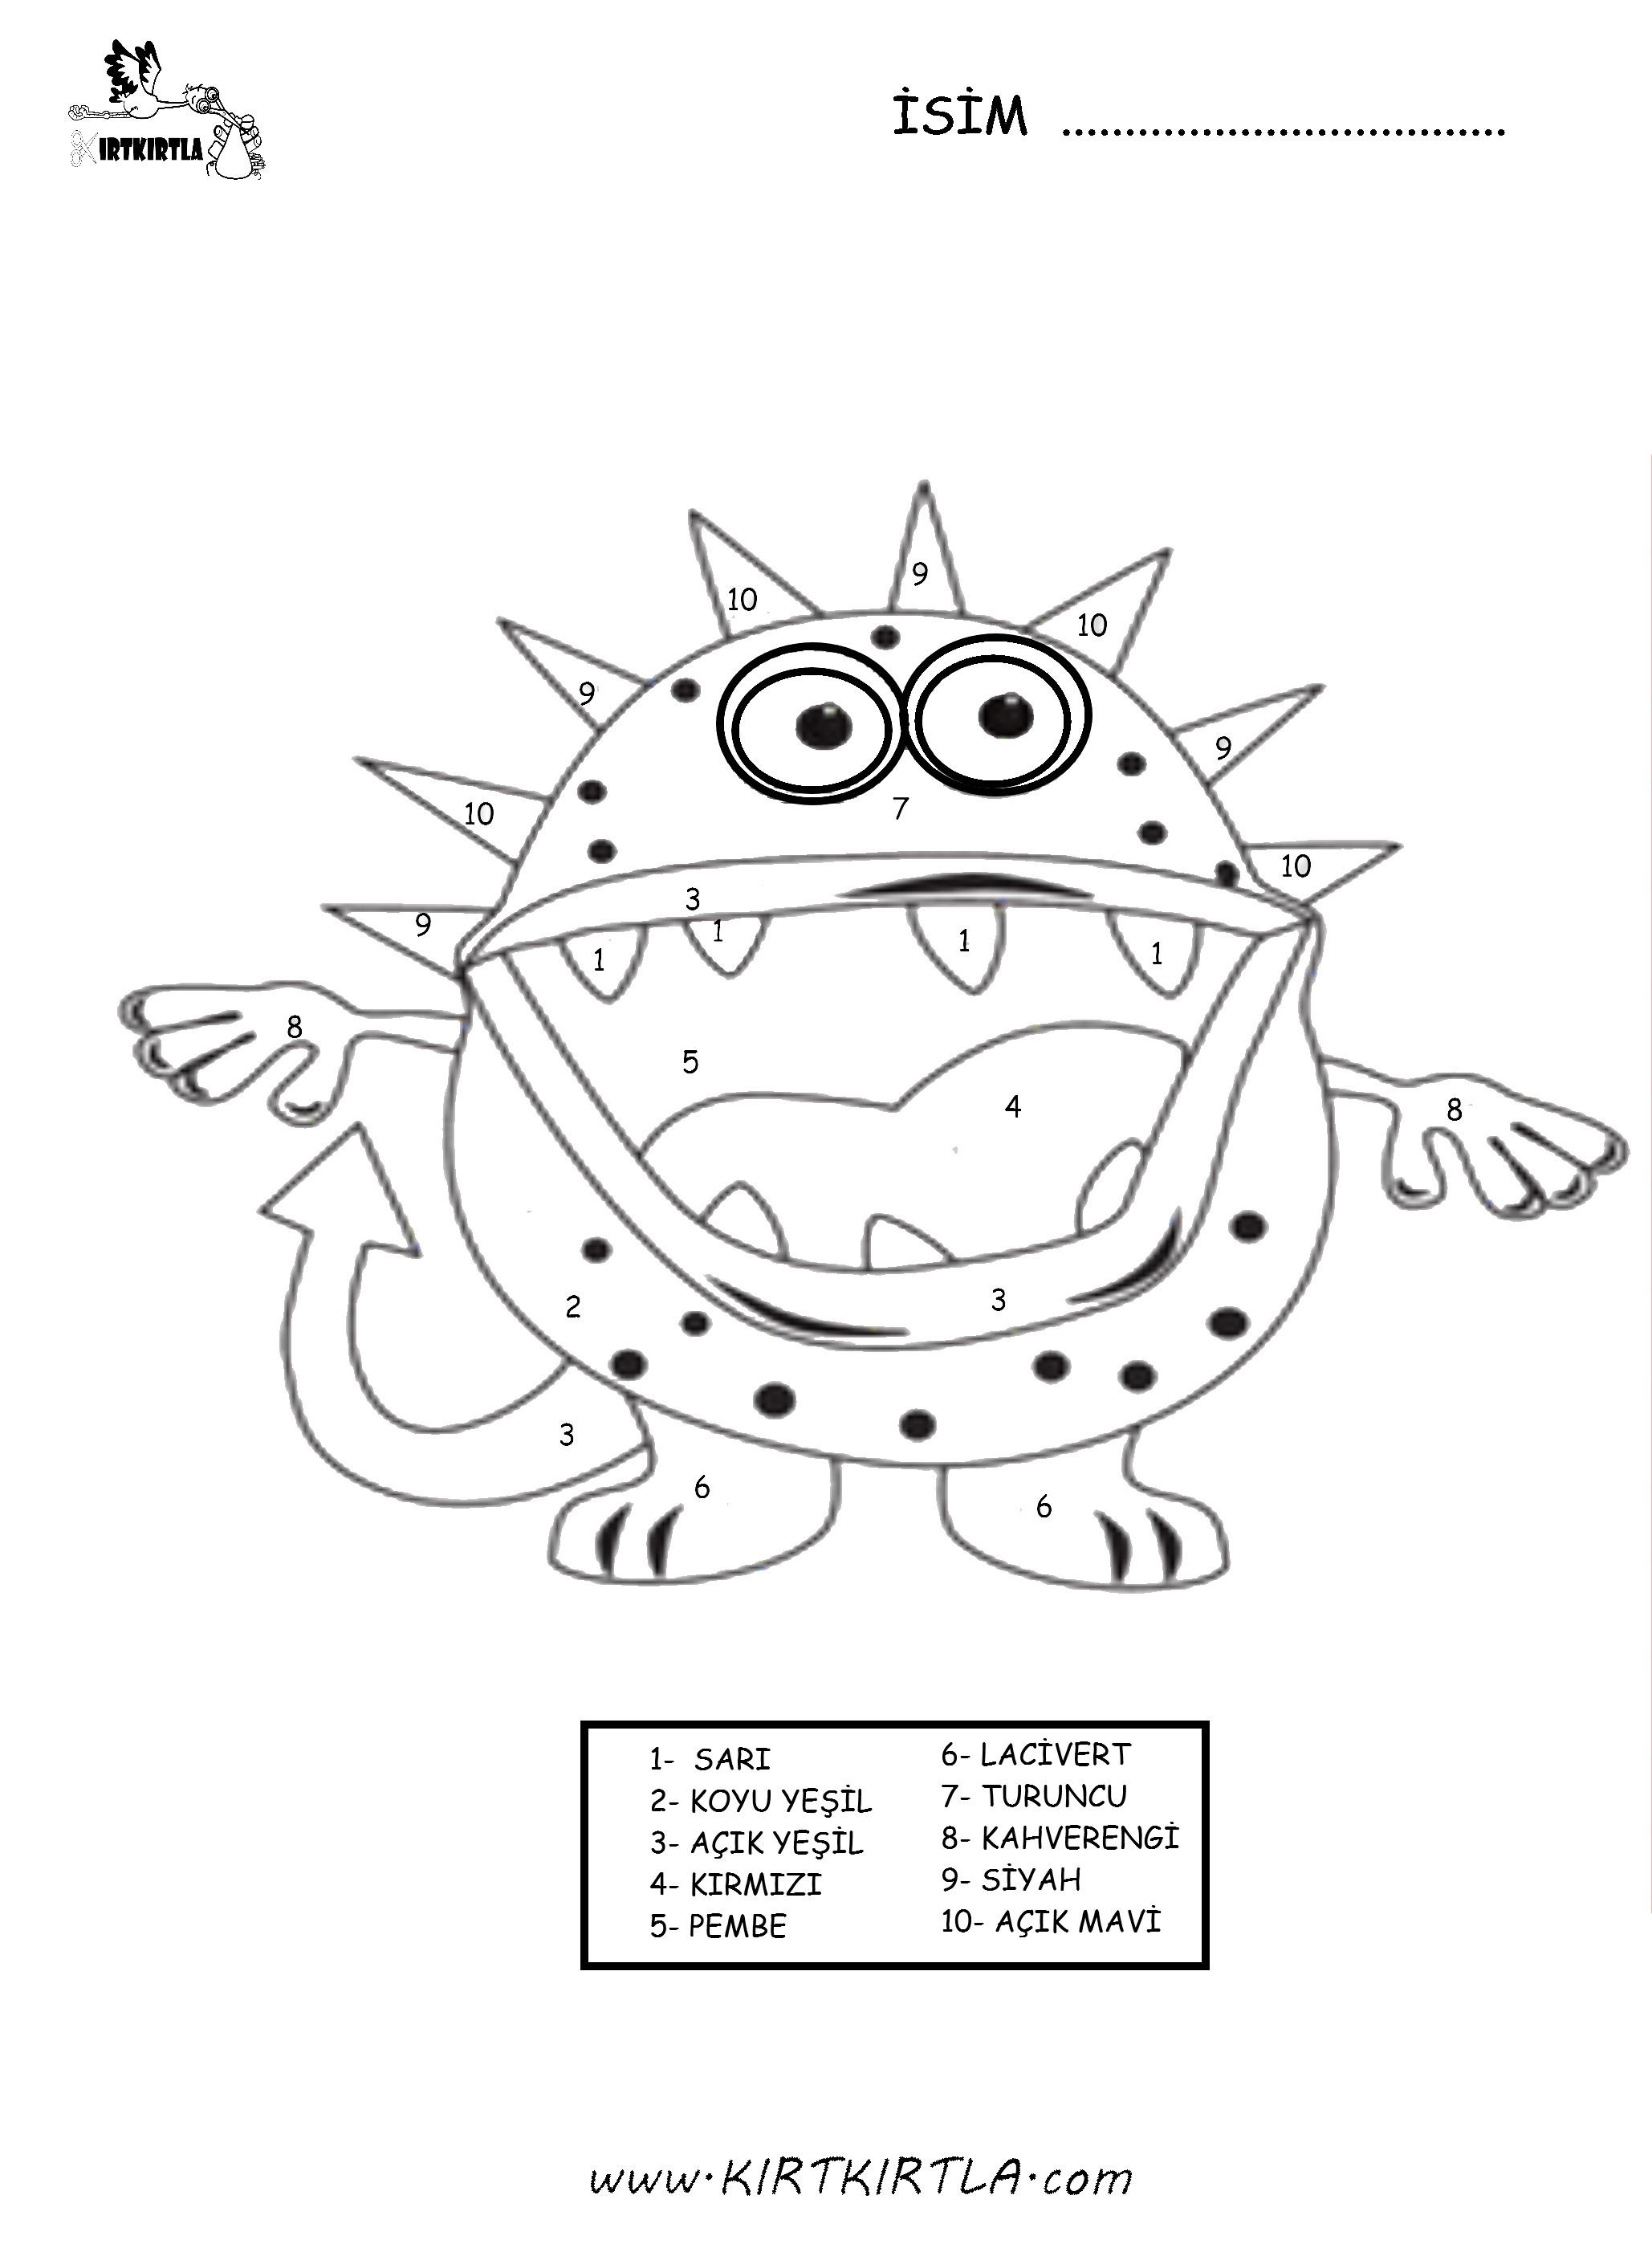 Kapak Boyama Kendin Yap Okul öncesi Etkinlik Art Craft Kırtkırtla